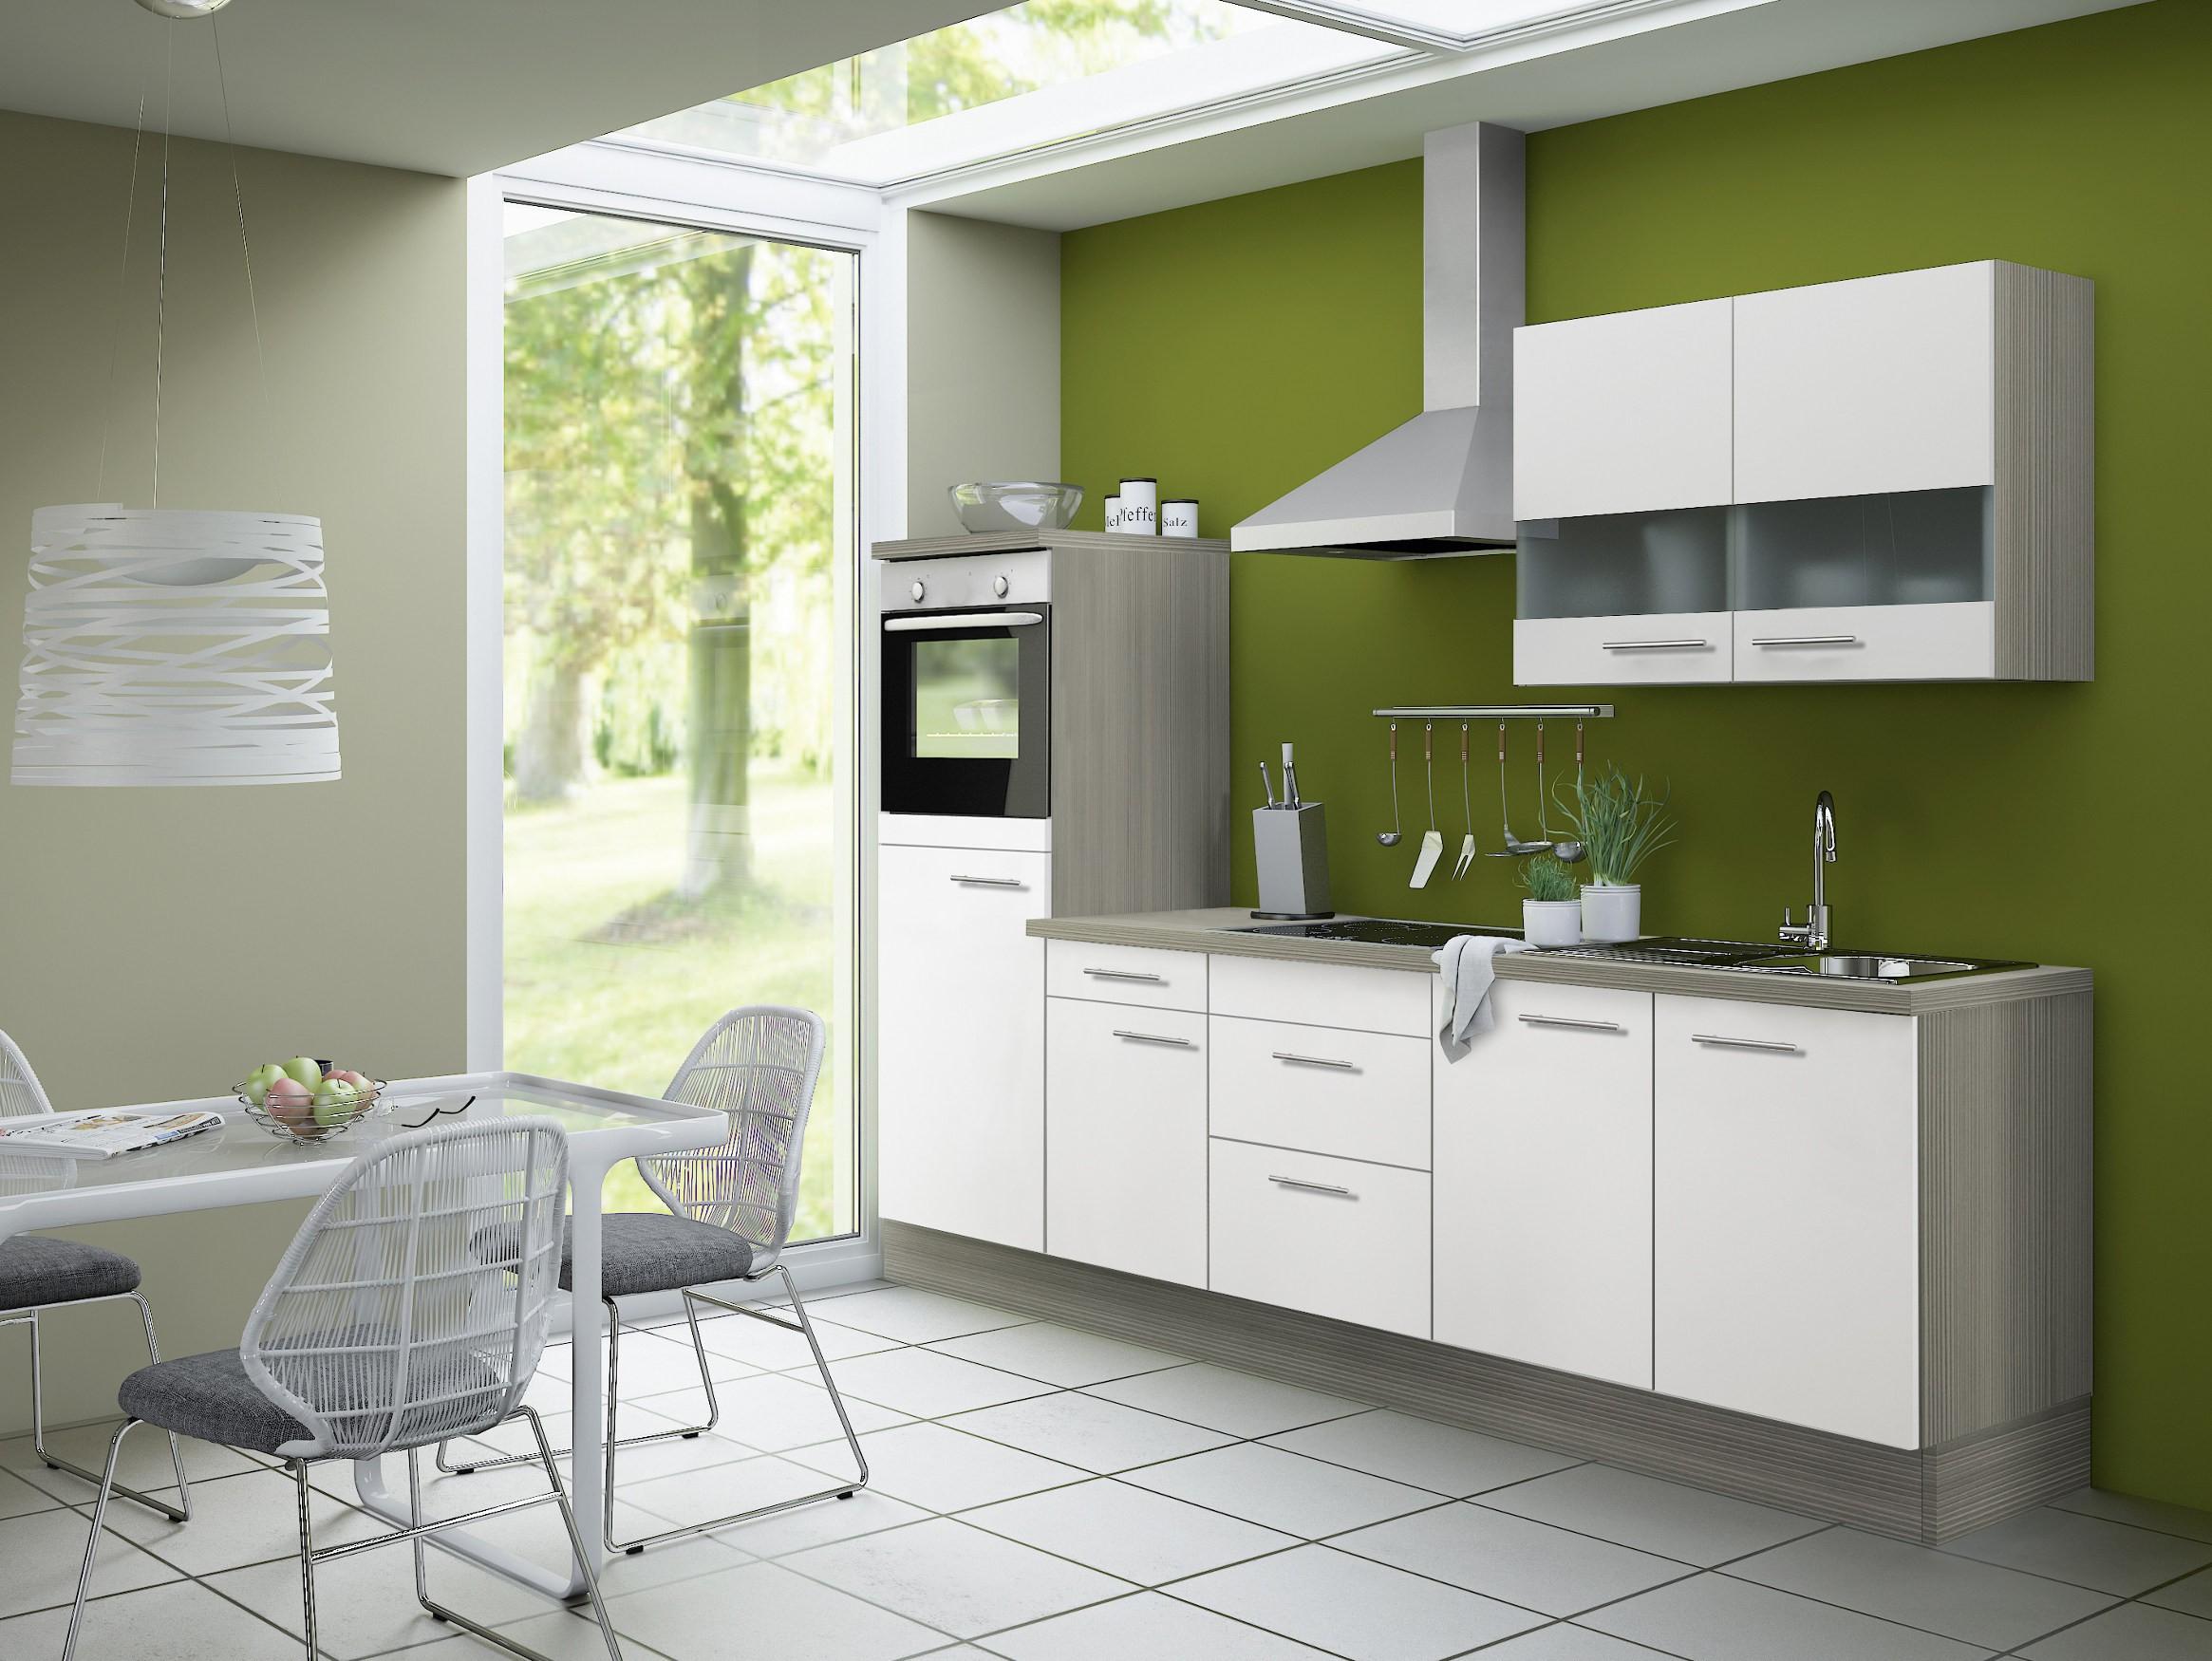 k chenzeile cadiz vario 8 k che mit e ger ten breite. Black Bedroom Furniture Sets. Home Design Ideas